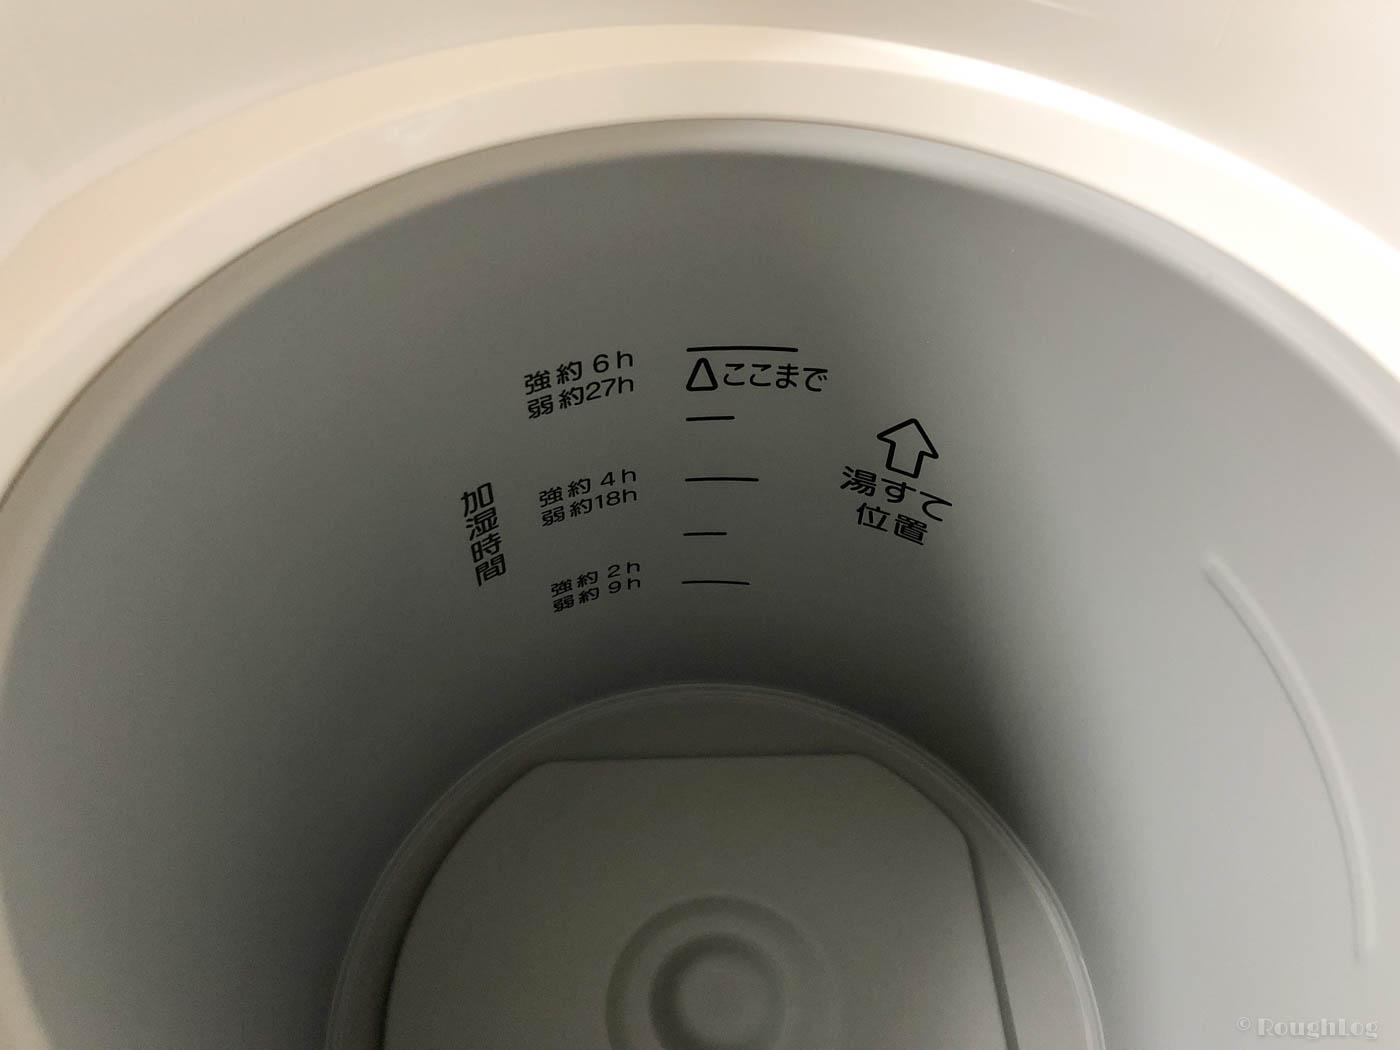 象印スチーム式加湿器のタンク内メモリ